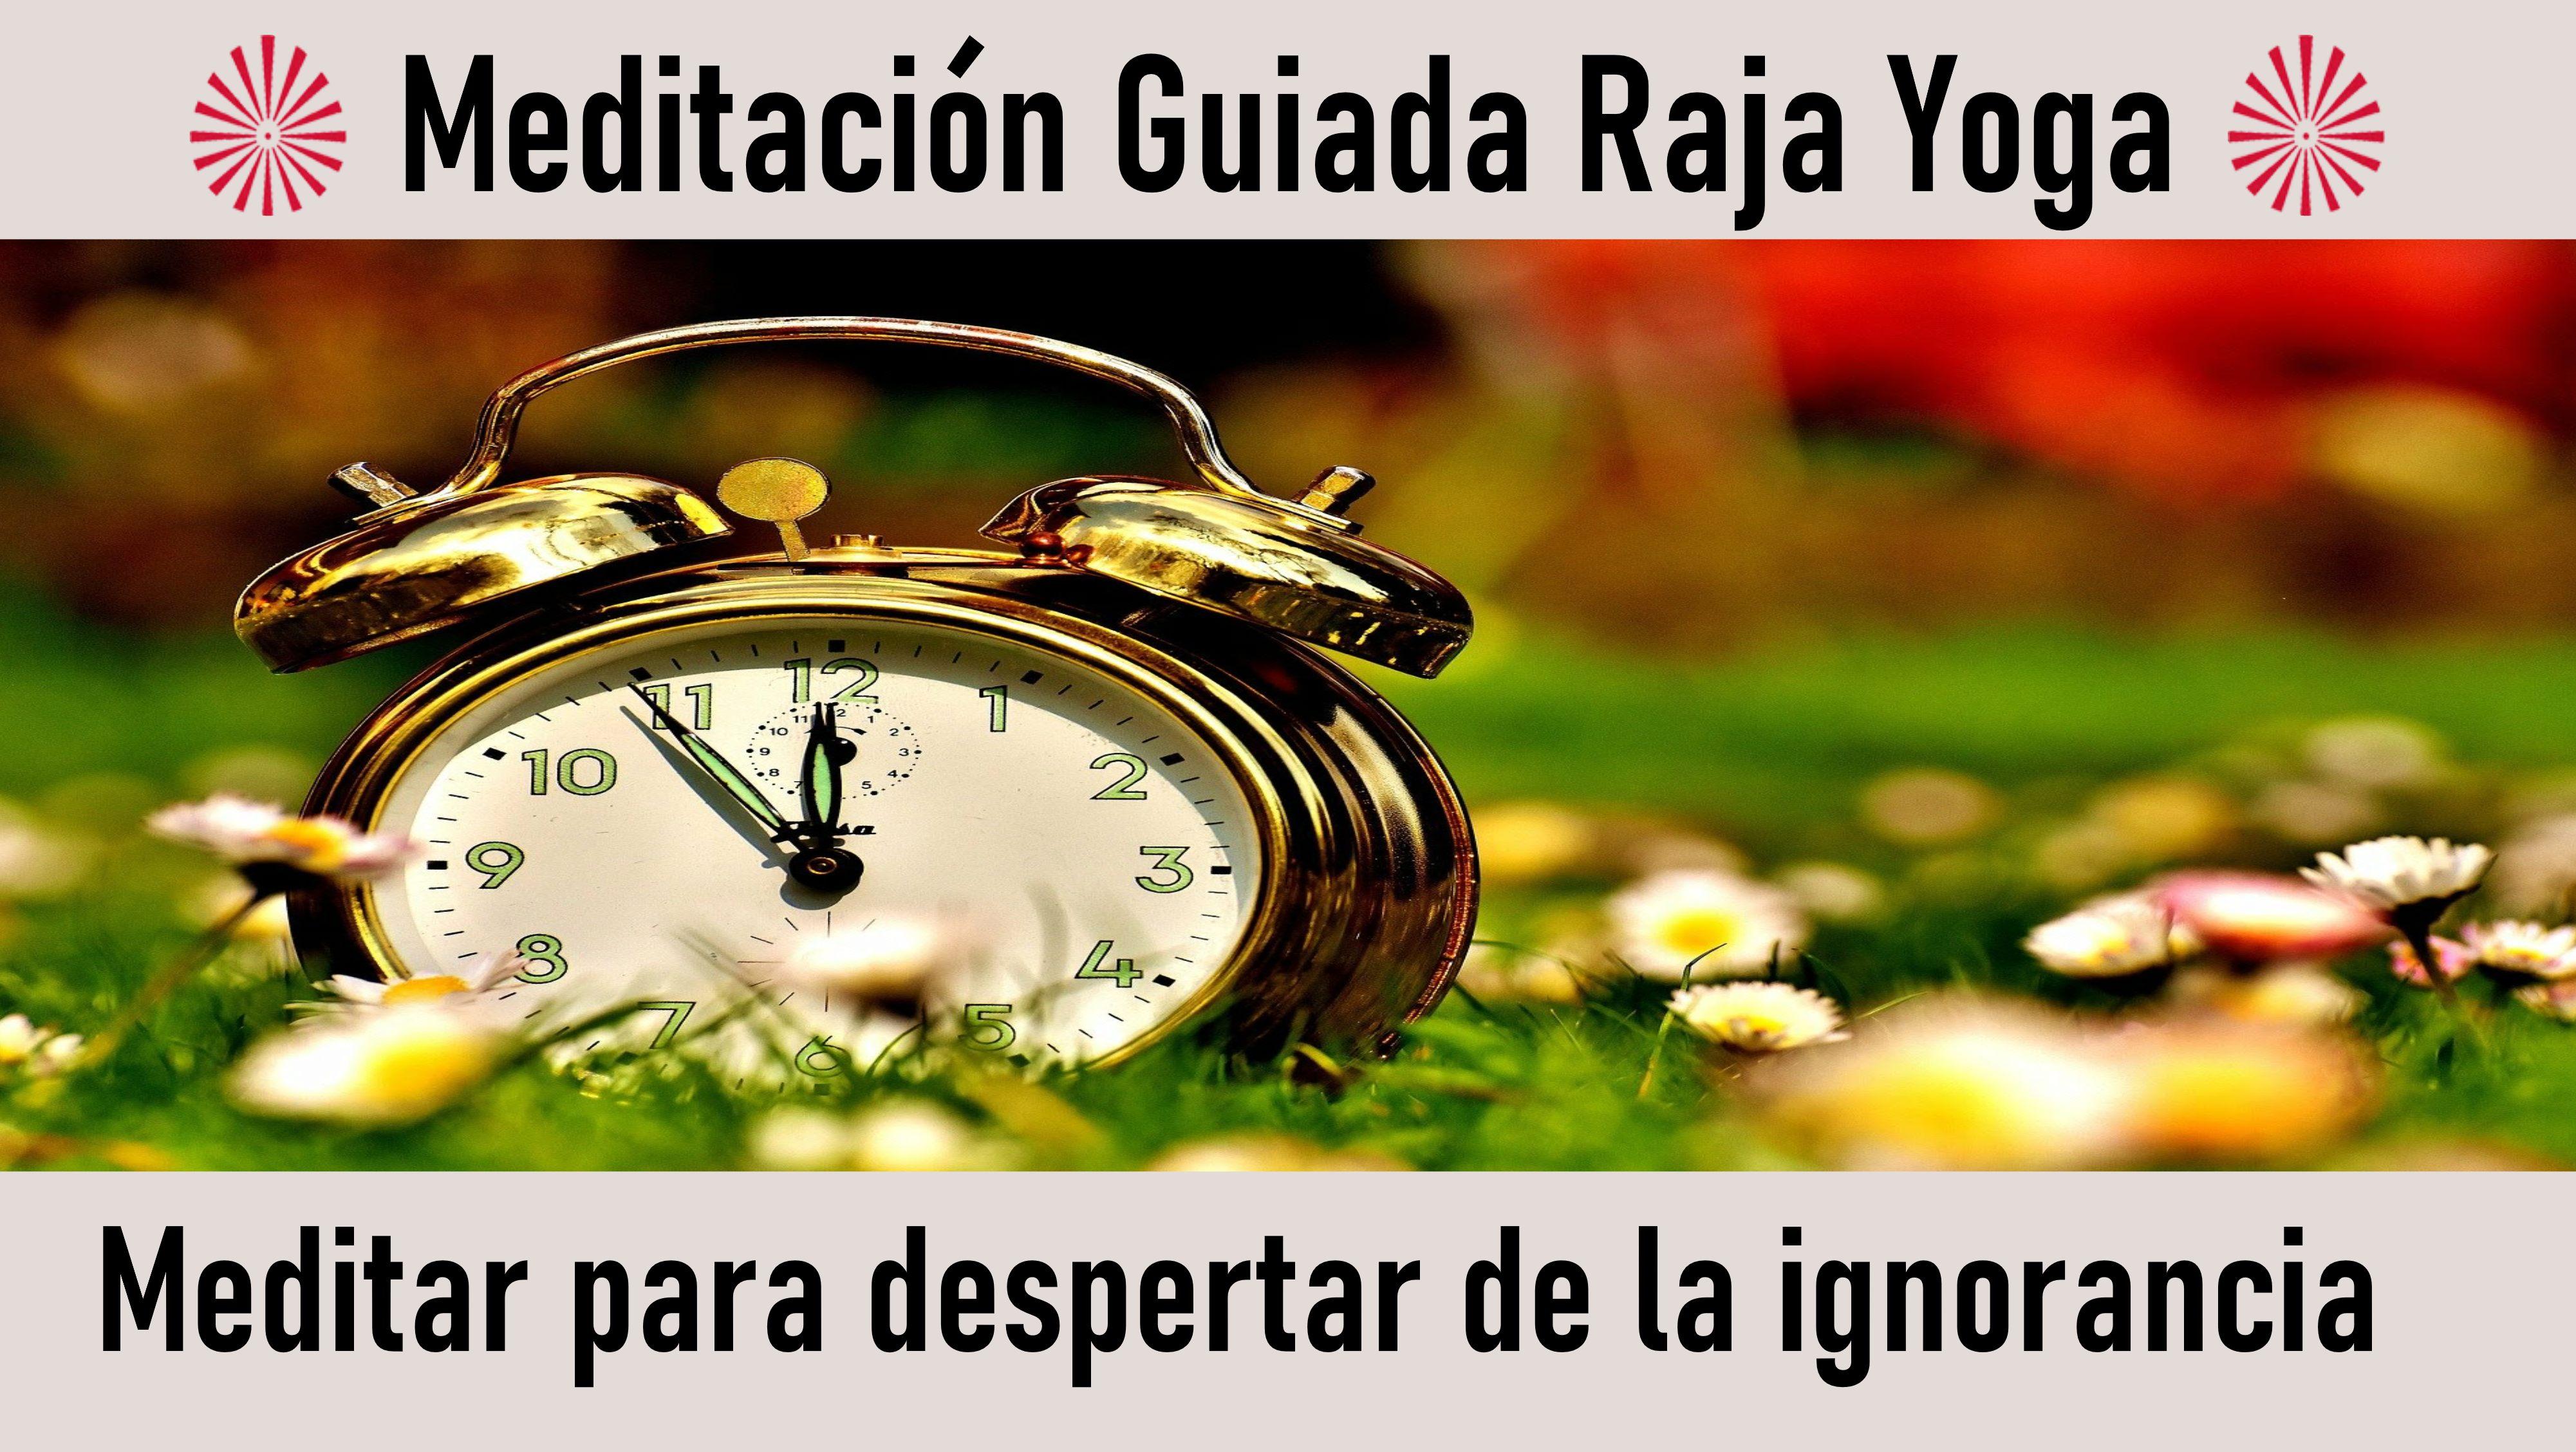 12 Agosto 2020 Meditación guiada: Meditar para despertar de la ignorancia